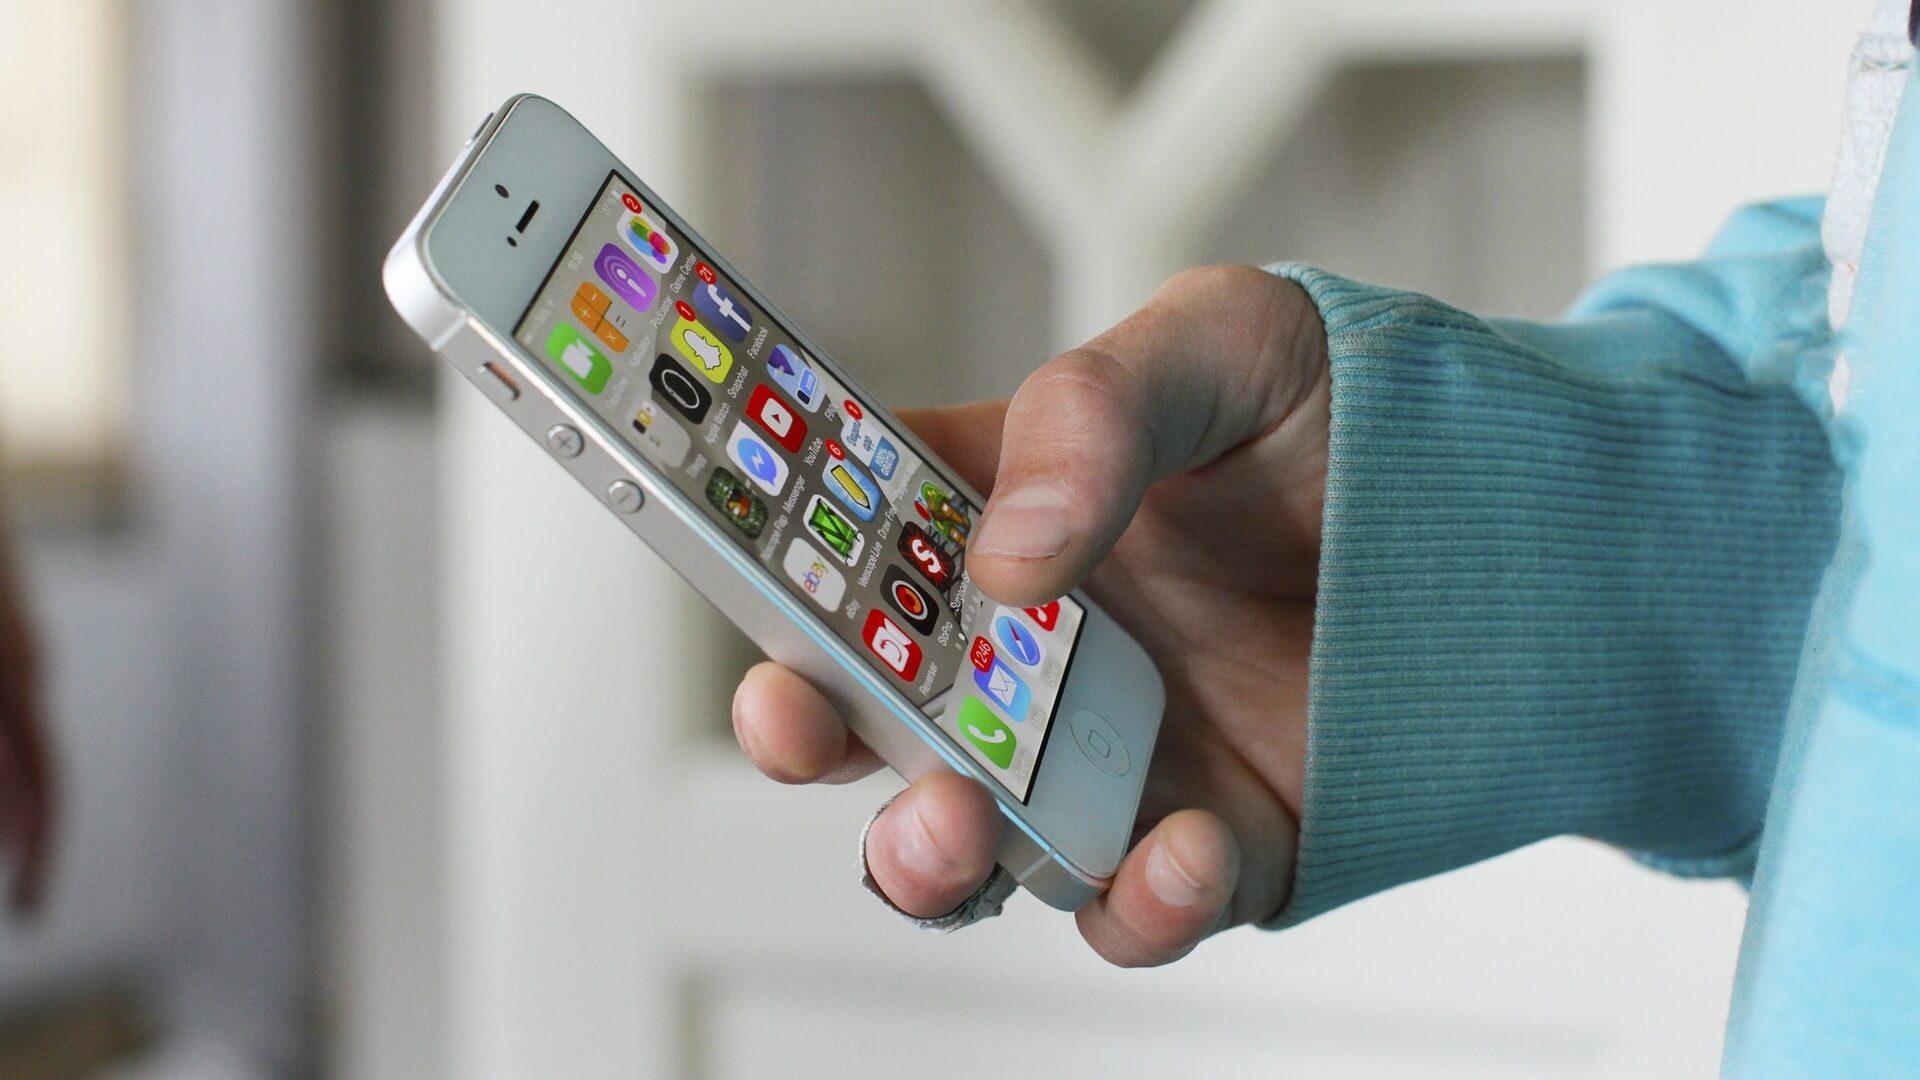 Кто виноват в высоком электромагнитном излучении iPhone